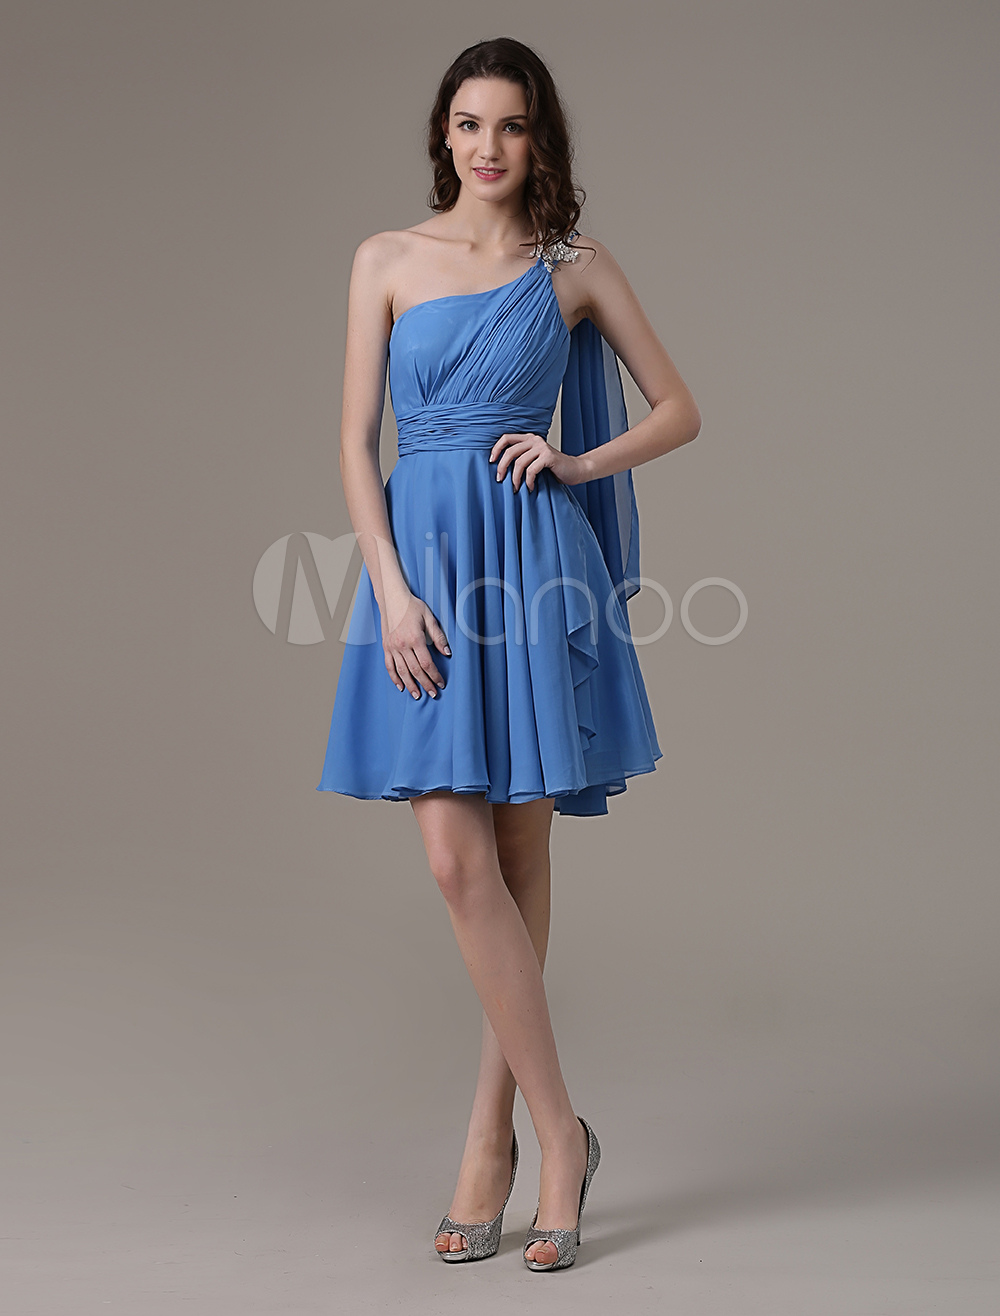 Blaue Schulter geraffte Kleid mit Rhinestone Applique und Streamer ...